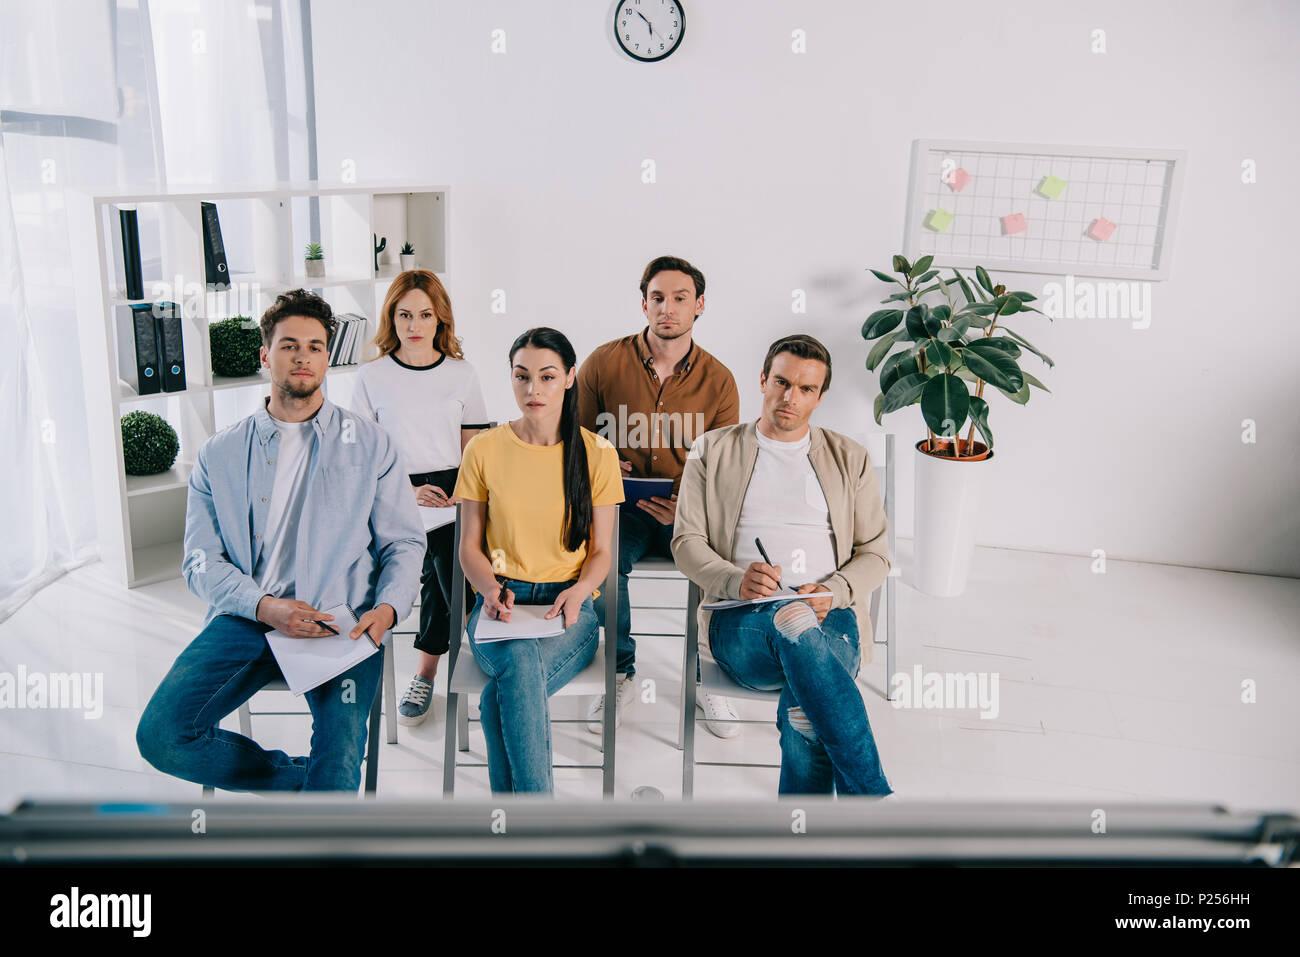 Gruppe von Geschäftsleuten in Freizeitkleidung mit Notebooks in Business Training im Büro Stockbild